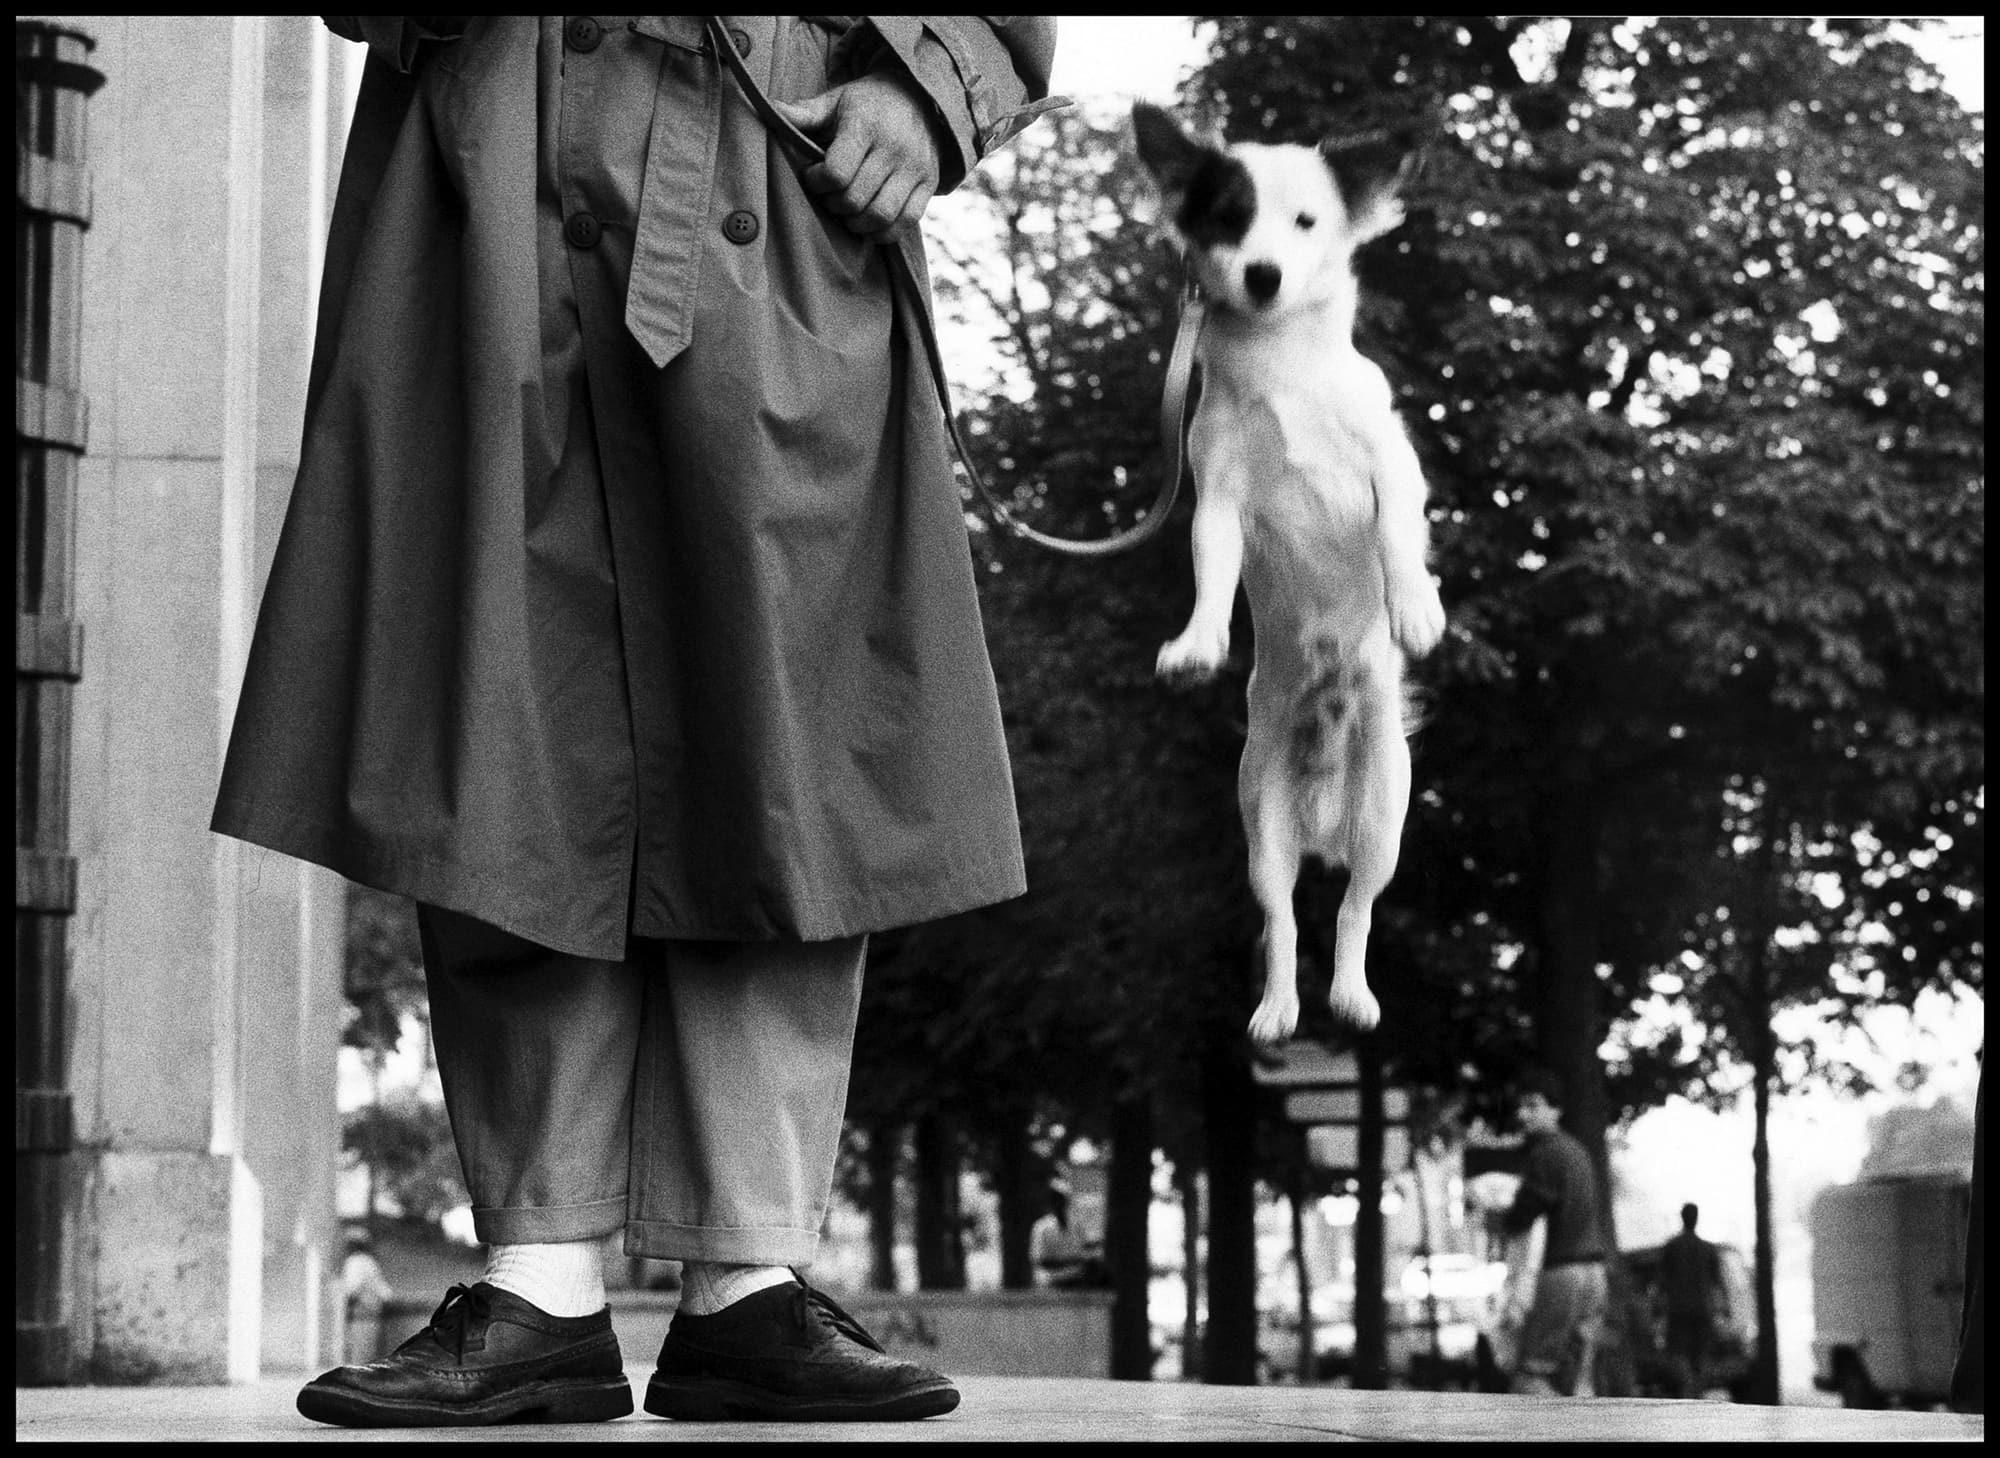 """マグナムの重鎮エリオット・アーウィットの代名詞""""犬""""にフォーカス ..."""